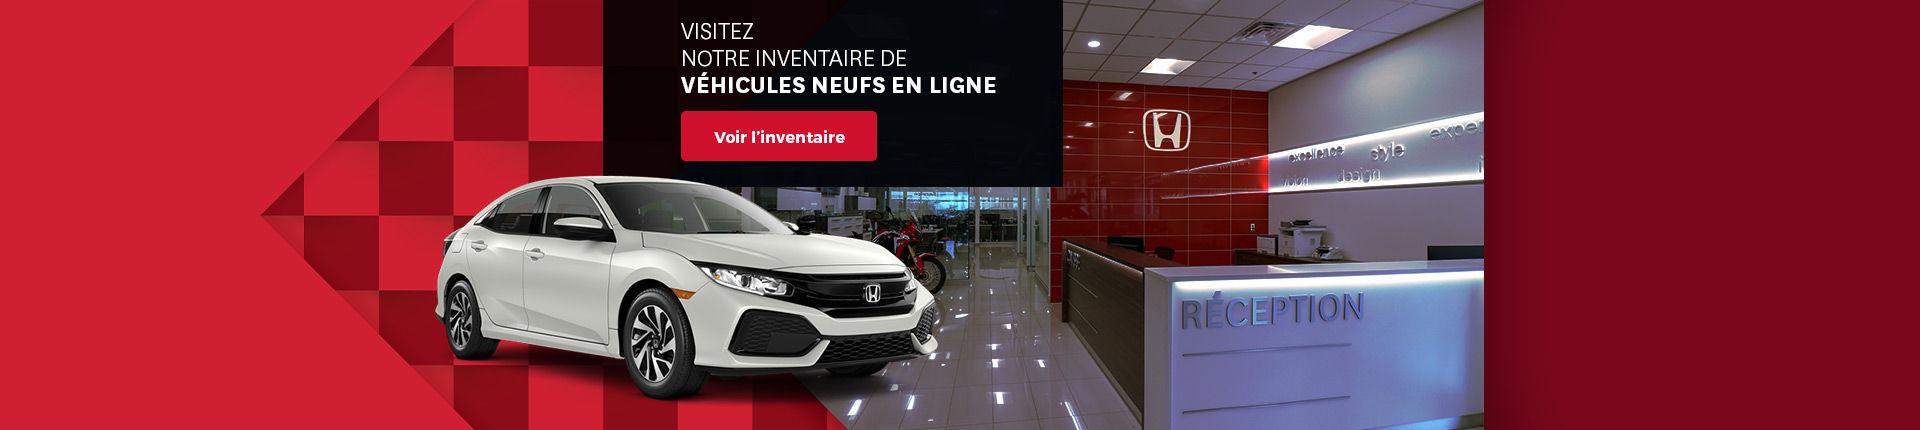 Visitez inventaire véhicules neufs en ligne